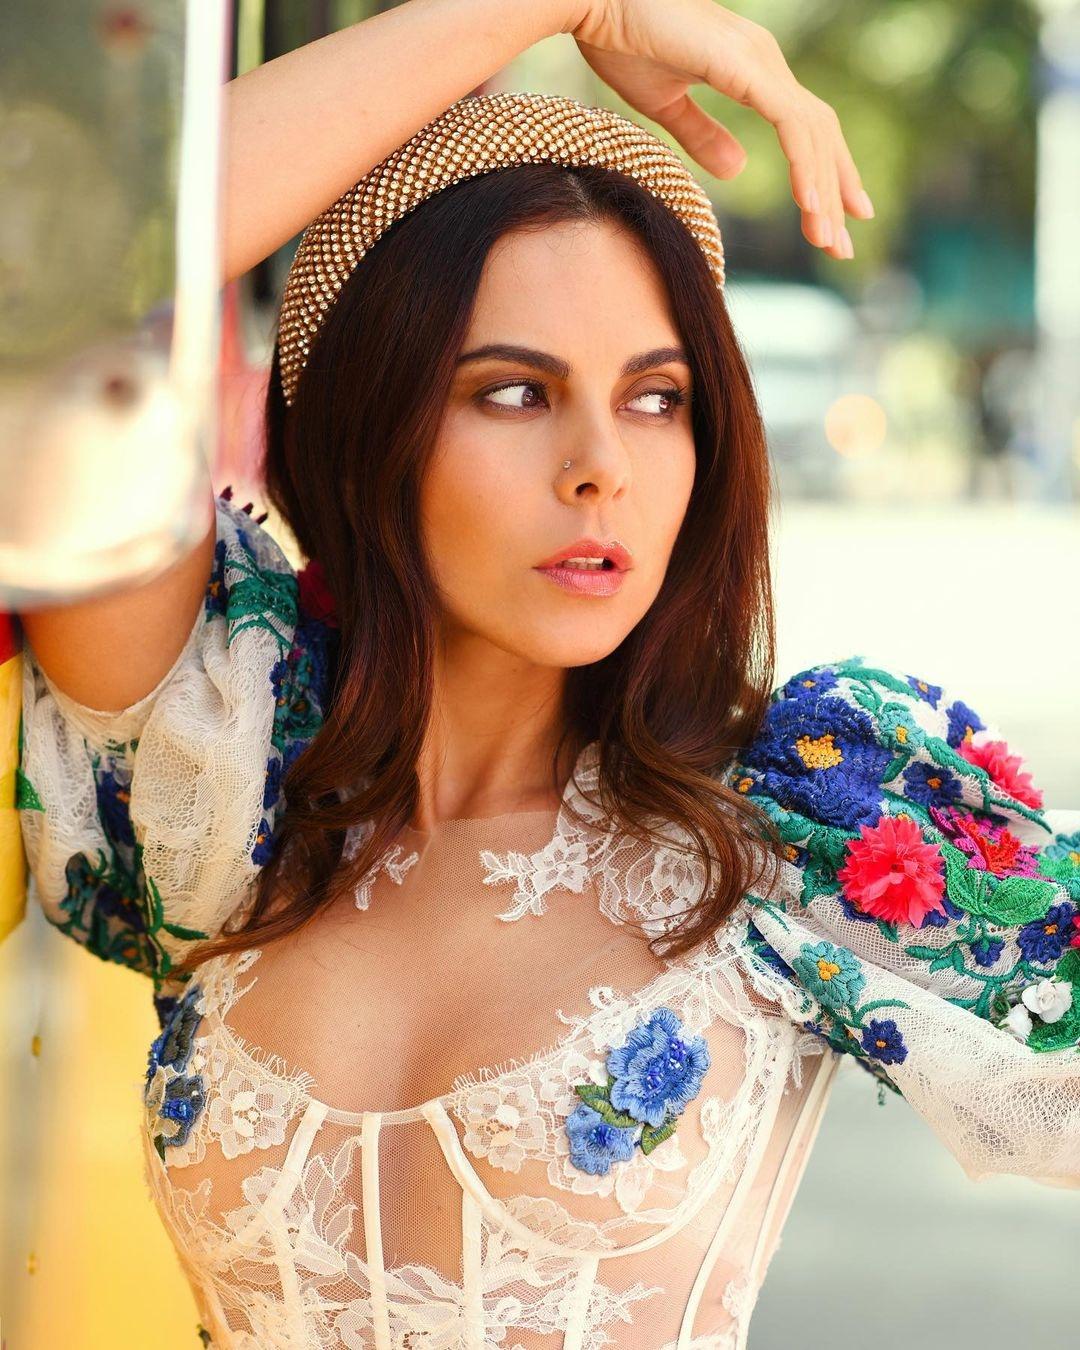 NK | Настя Каменских впечатлила новыми снимками в роскошном образе мексиканки - фото №4